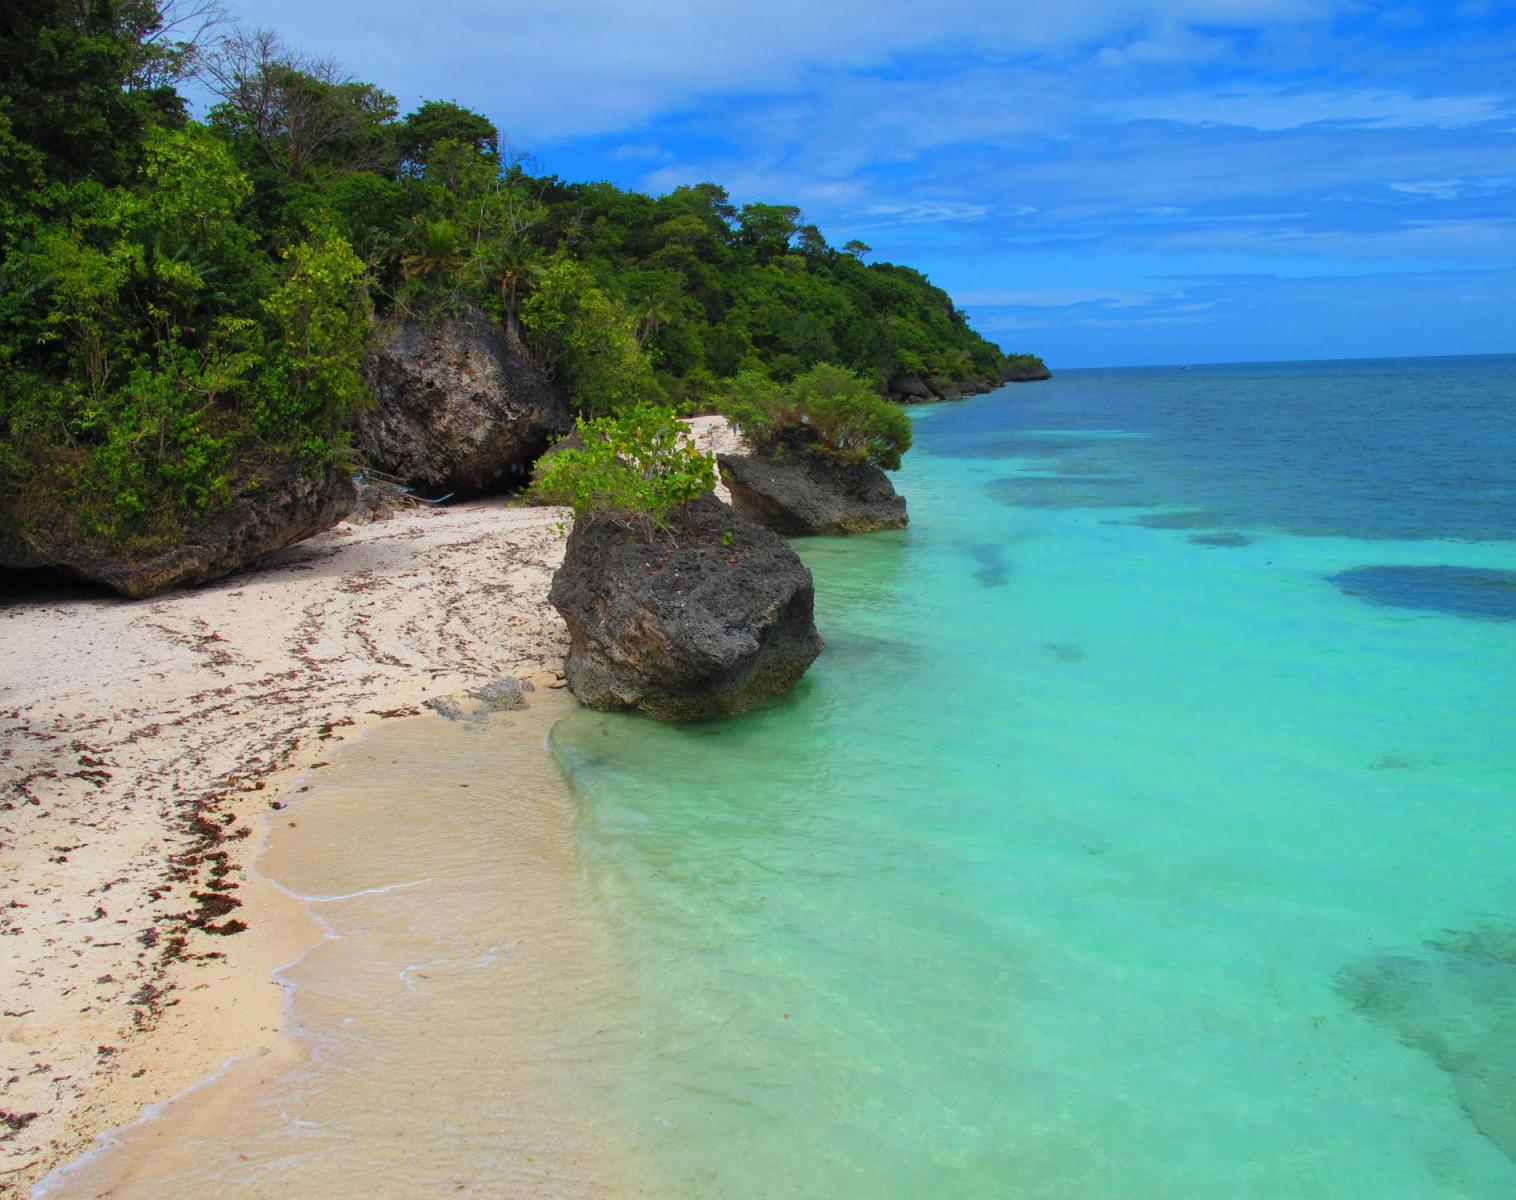 Philippines  Archipel des Visayas, entre jungles et fonds marins   Découverte Kayak & Canoë Navigation Apnée & Plongée  Balade nature Rencontres et cultures du Monde